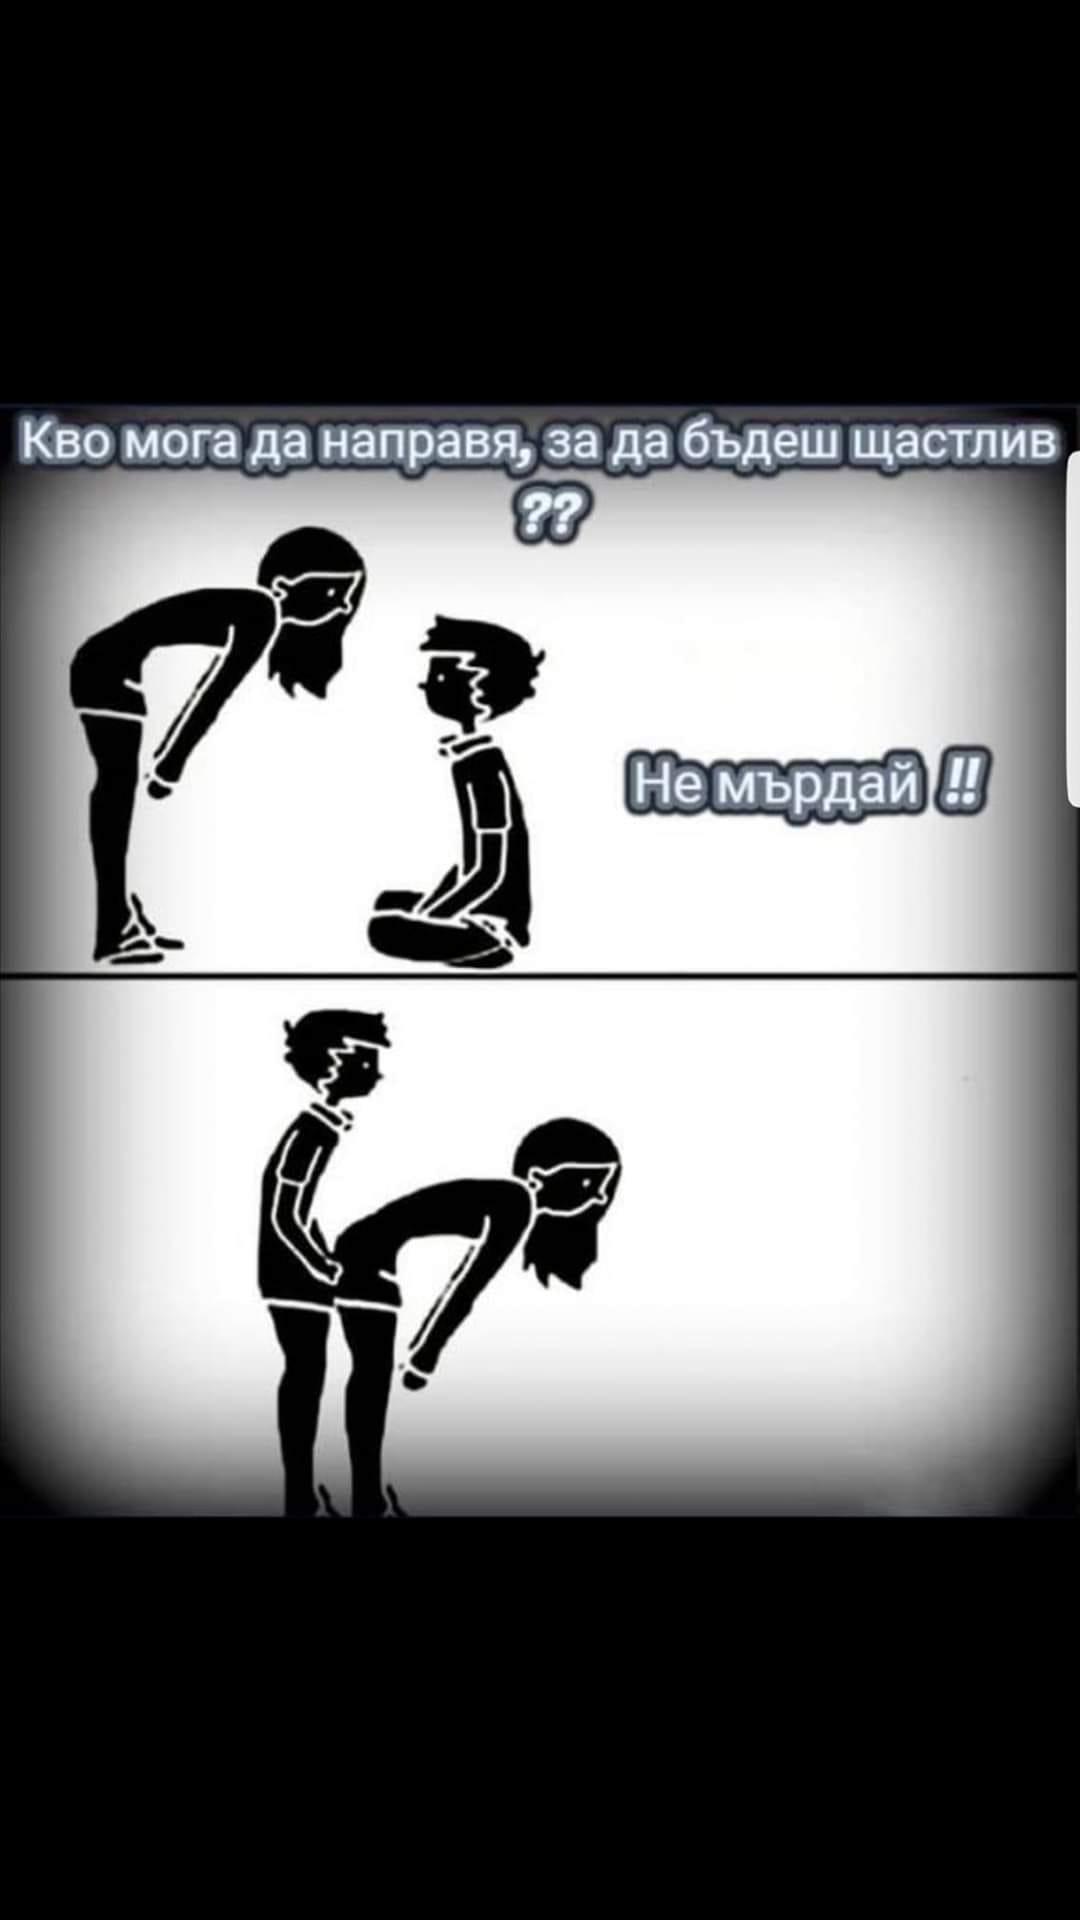 - Какво мога да направя за да бъдеш щастлив?